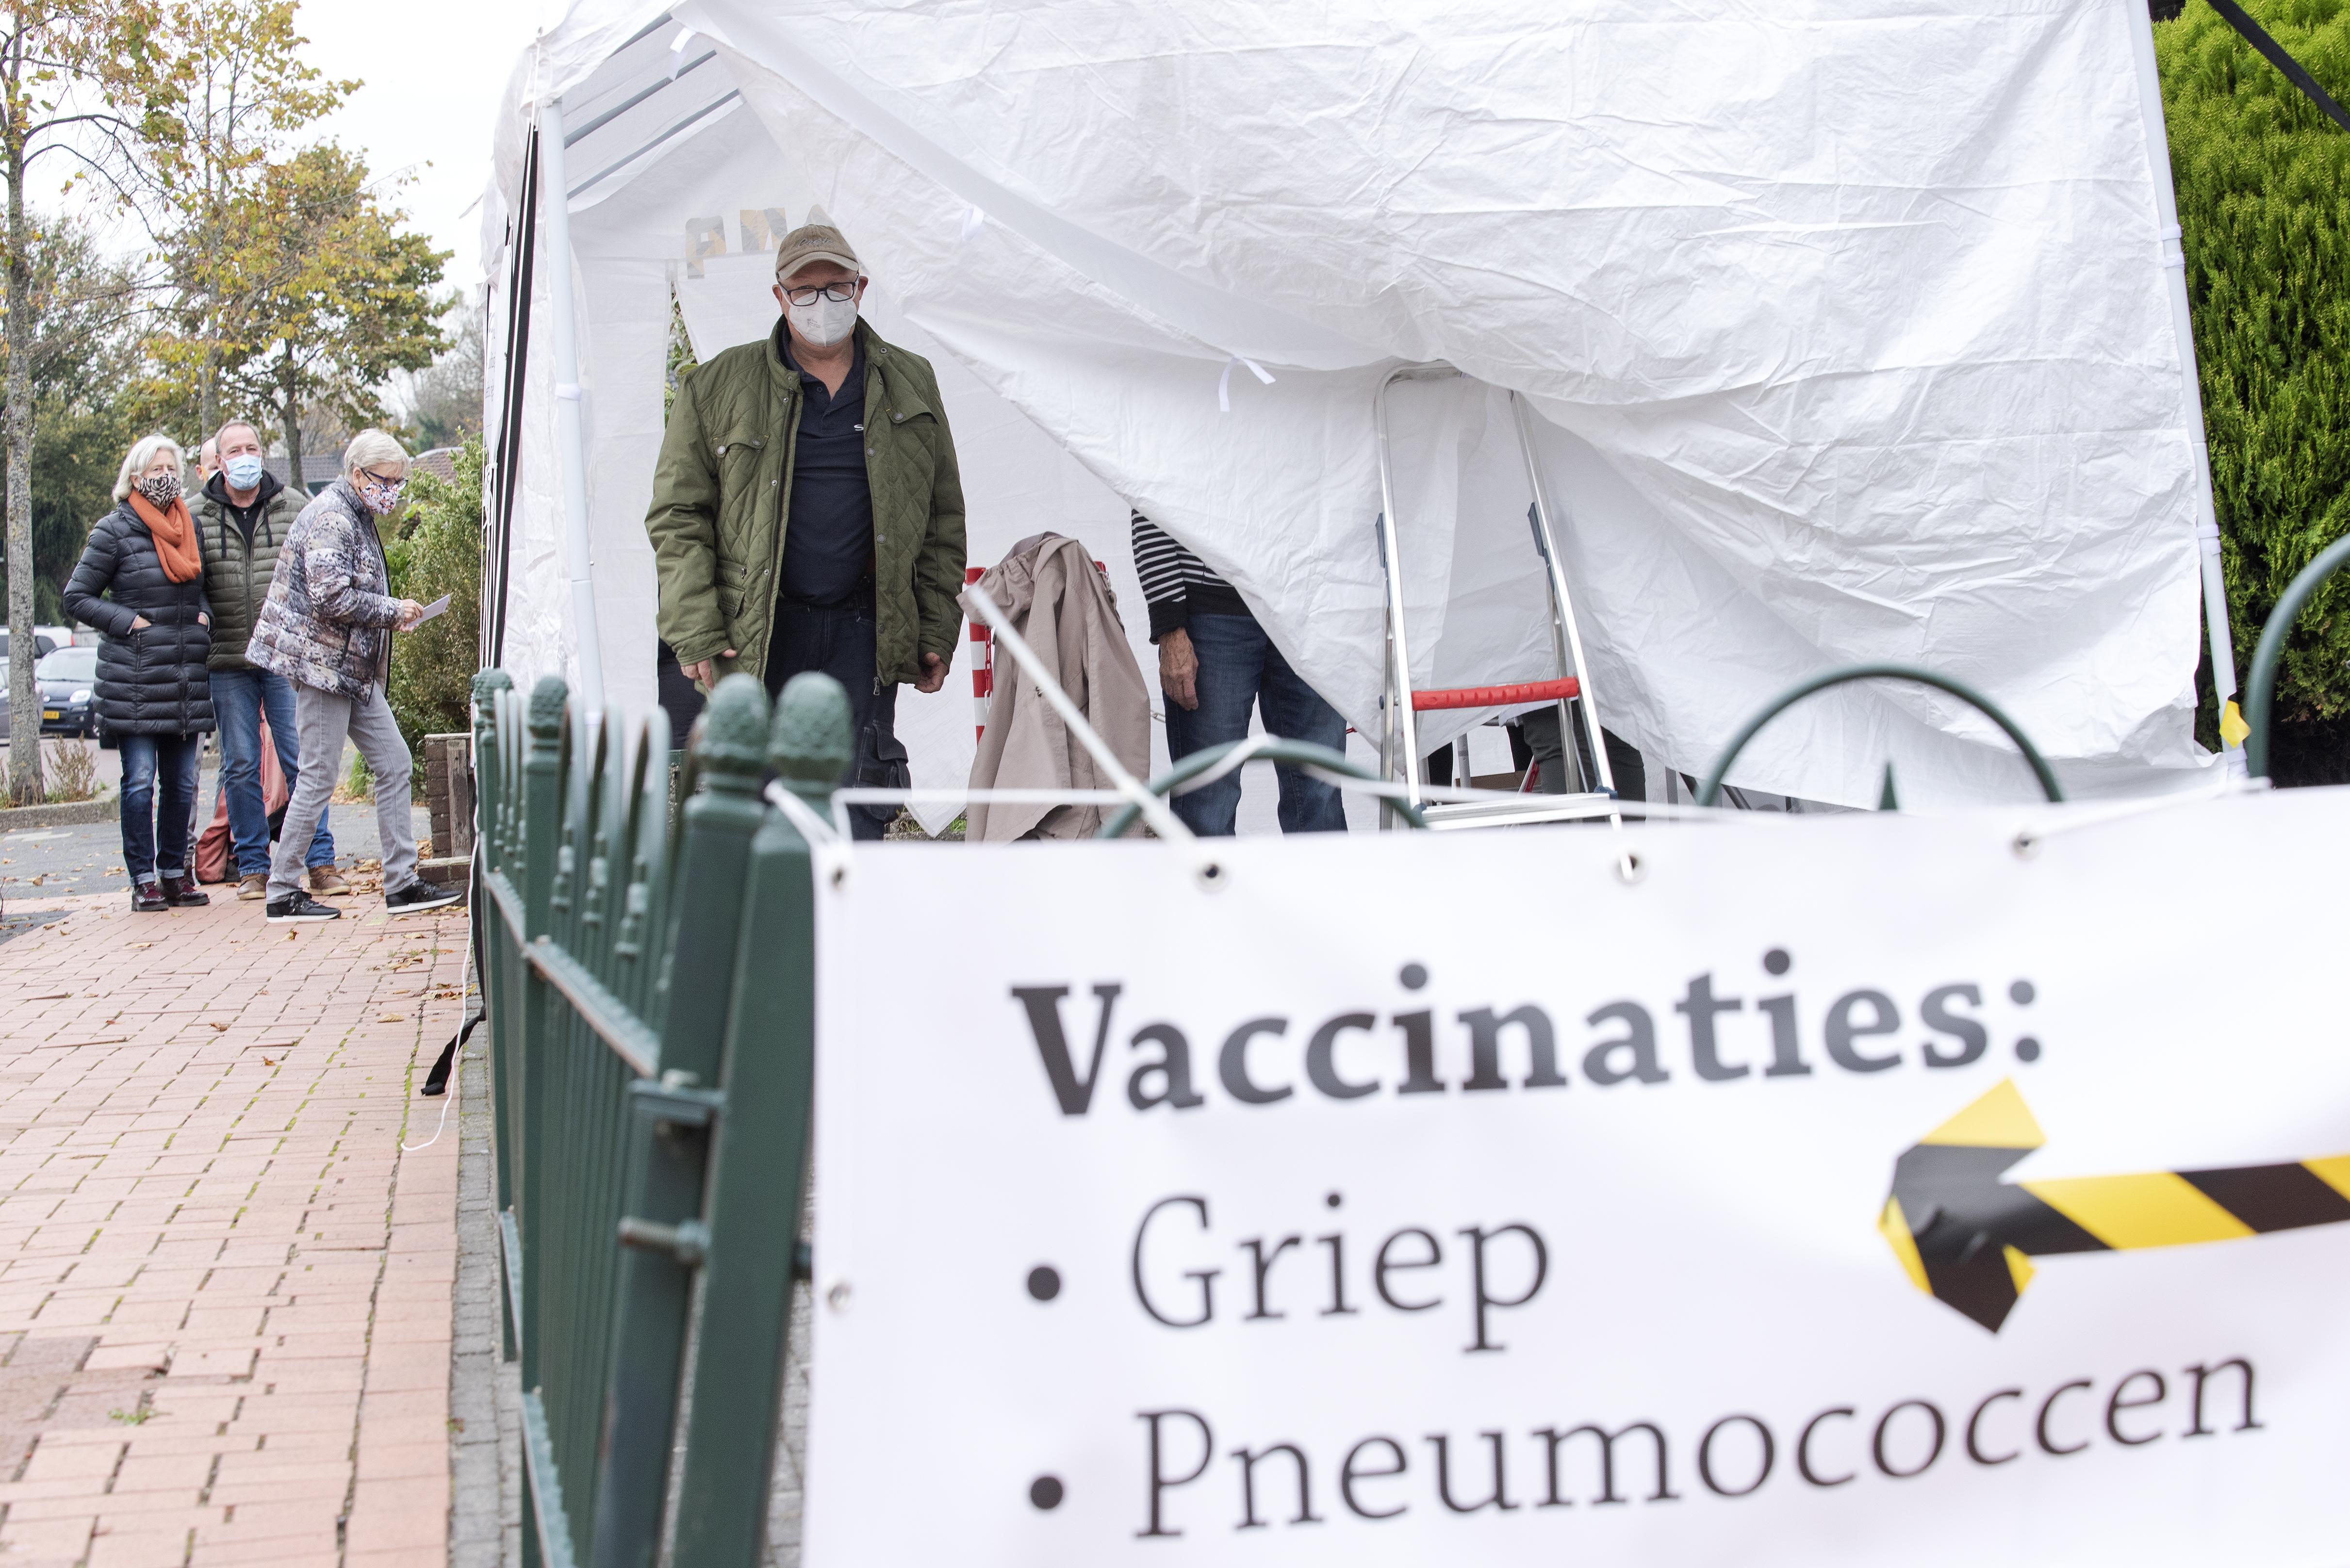 Huisartsenpraktijk te klein voor de griepprik. In Velsen-Noord staat een tent voor de vaccinatie